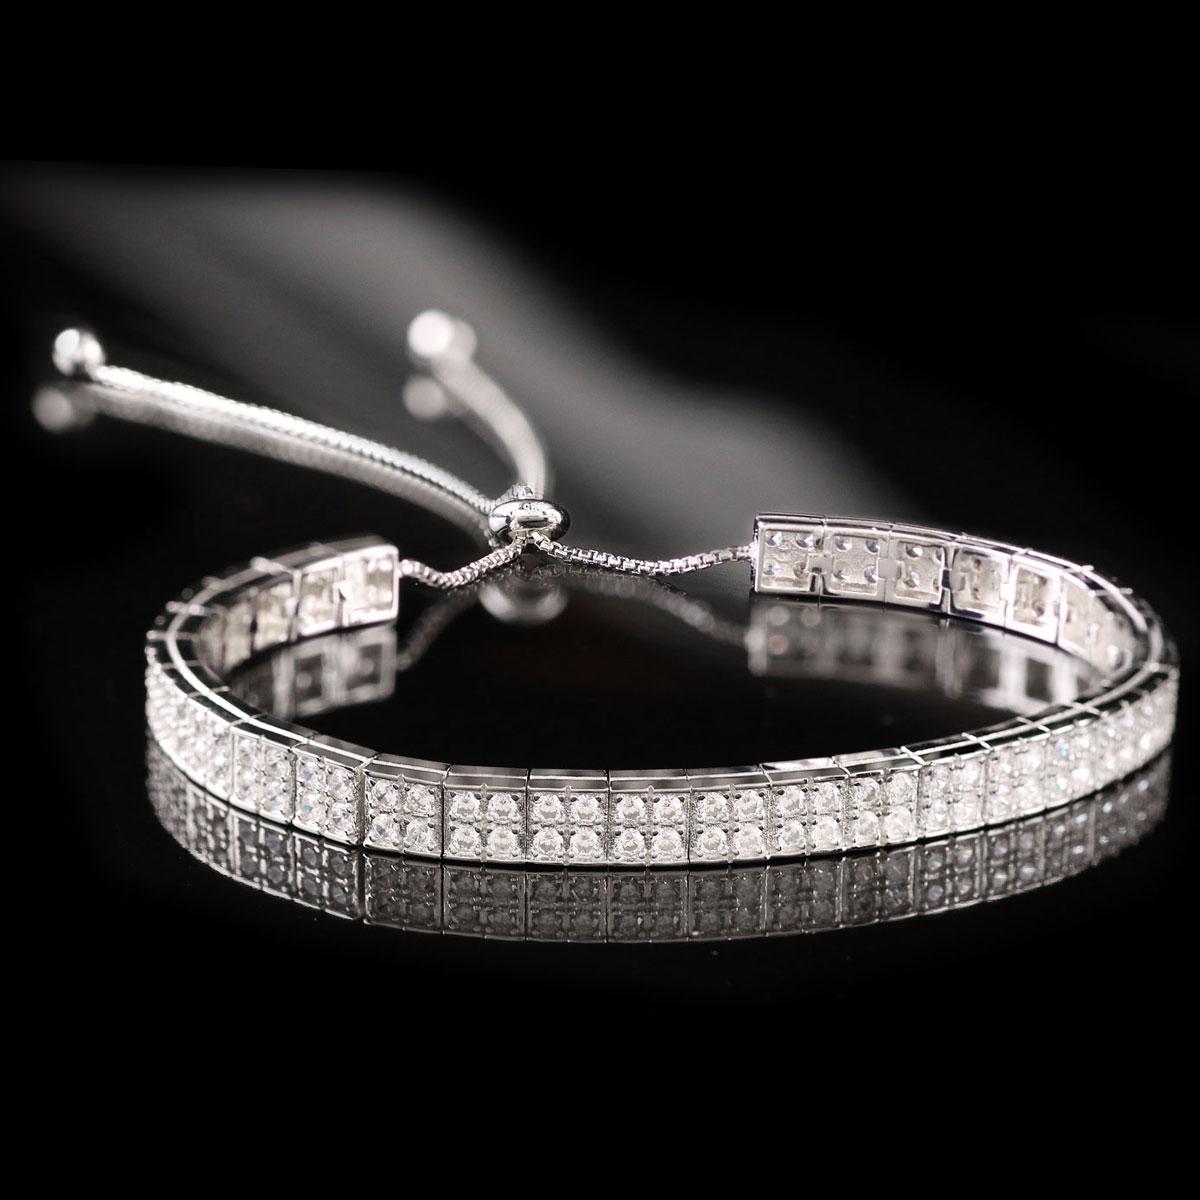 Cashs Ireland, Sterling Silver Crystal Pave Pull Up Adjustable Soft Bracelet